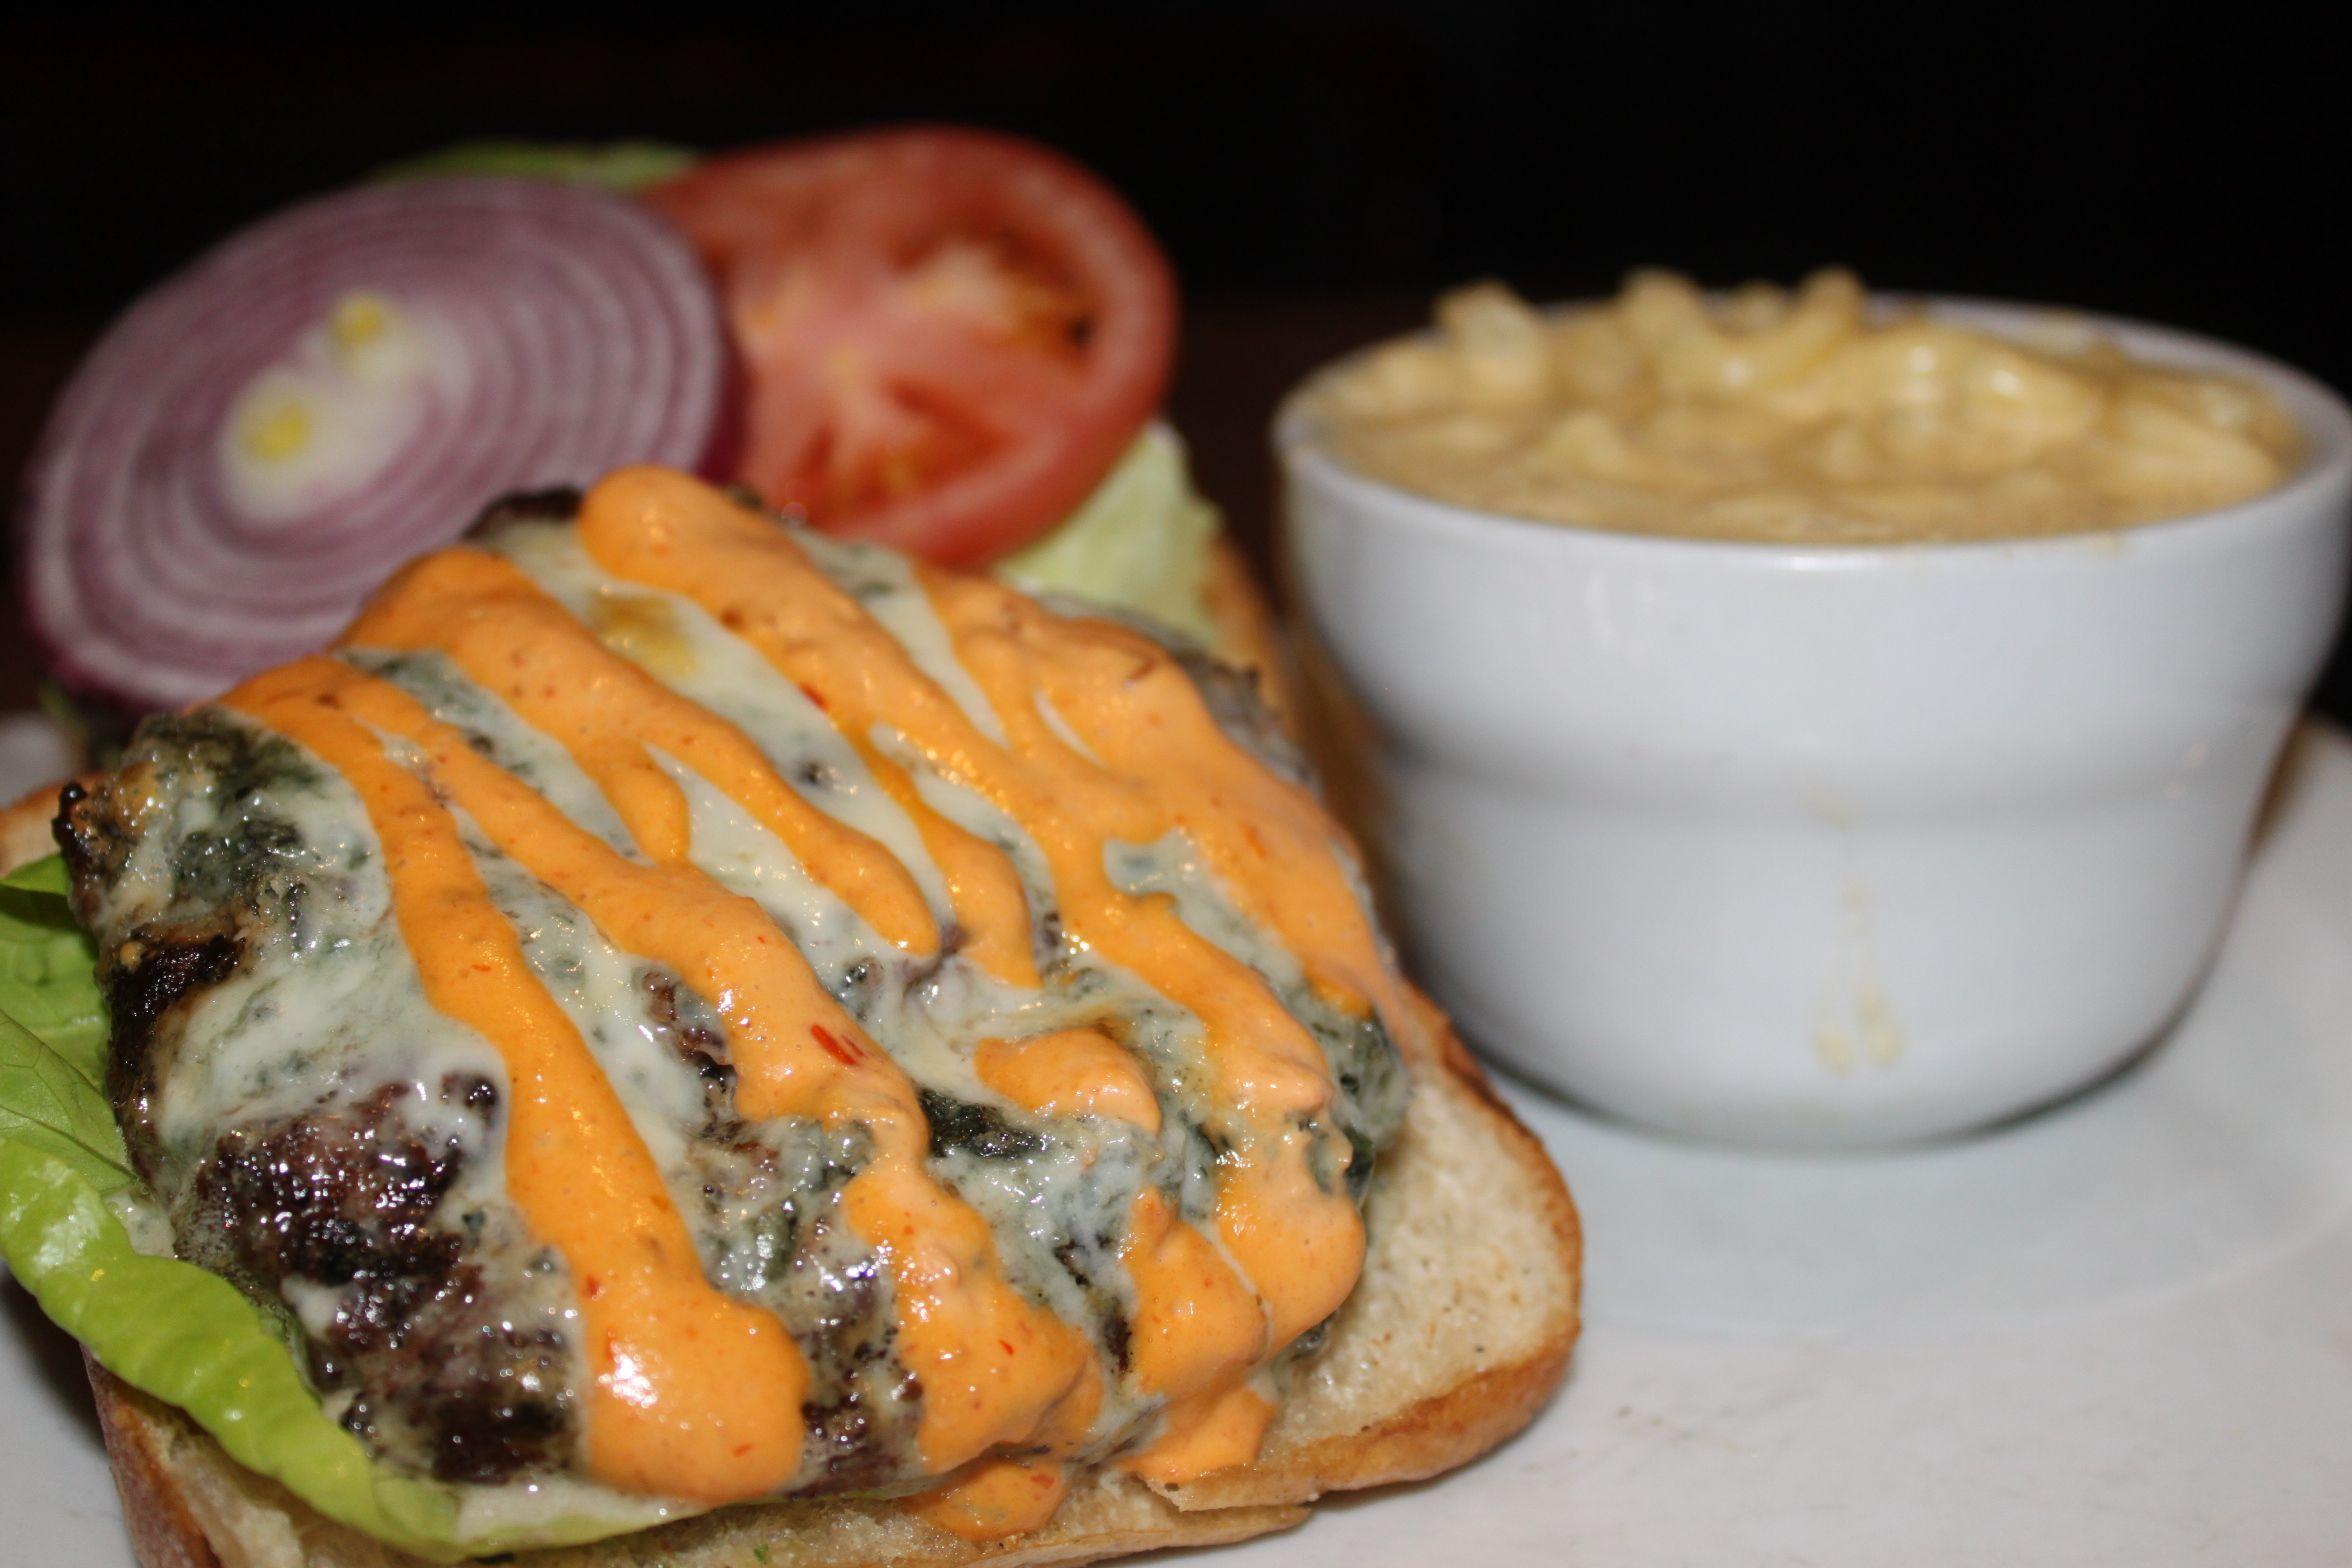 Sparky's Lamb Burger